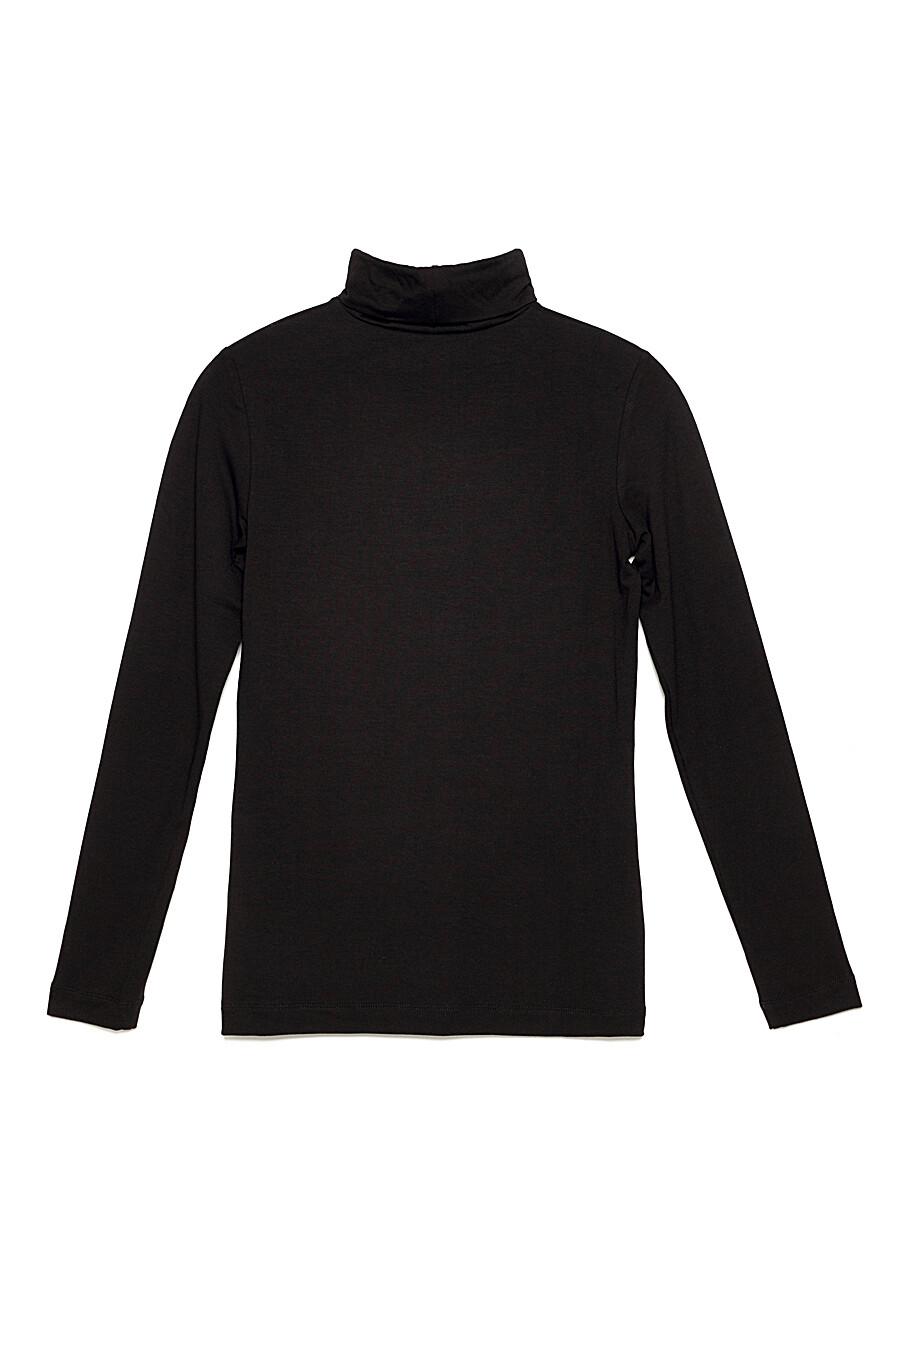 Водолазка для женщин CONTE ELEGANT 148625 купить оптом от производителя. Совместная покупка женской одежды в OptMoyo